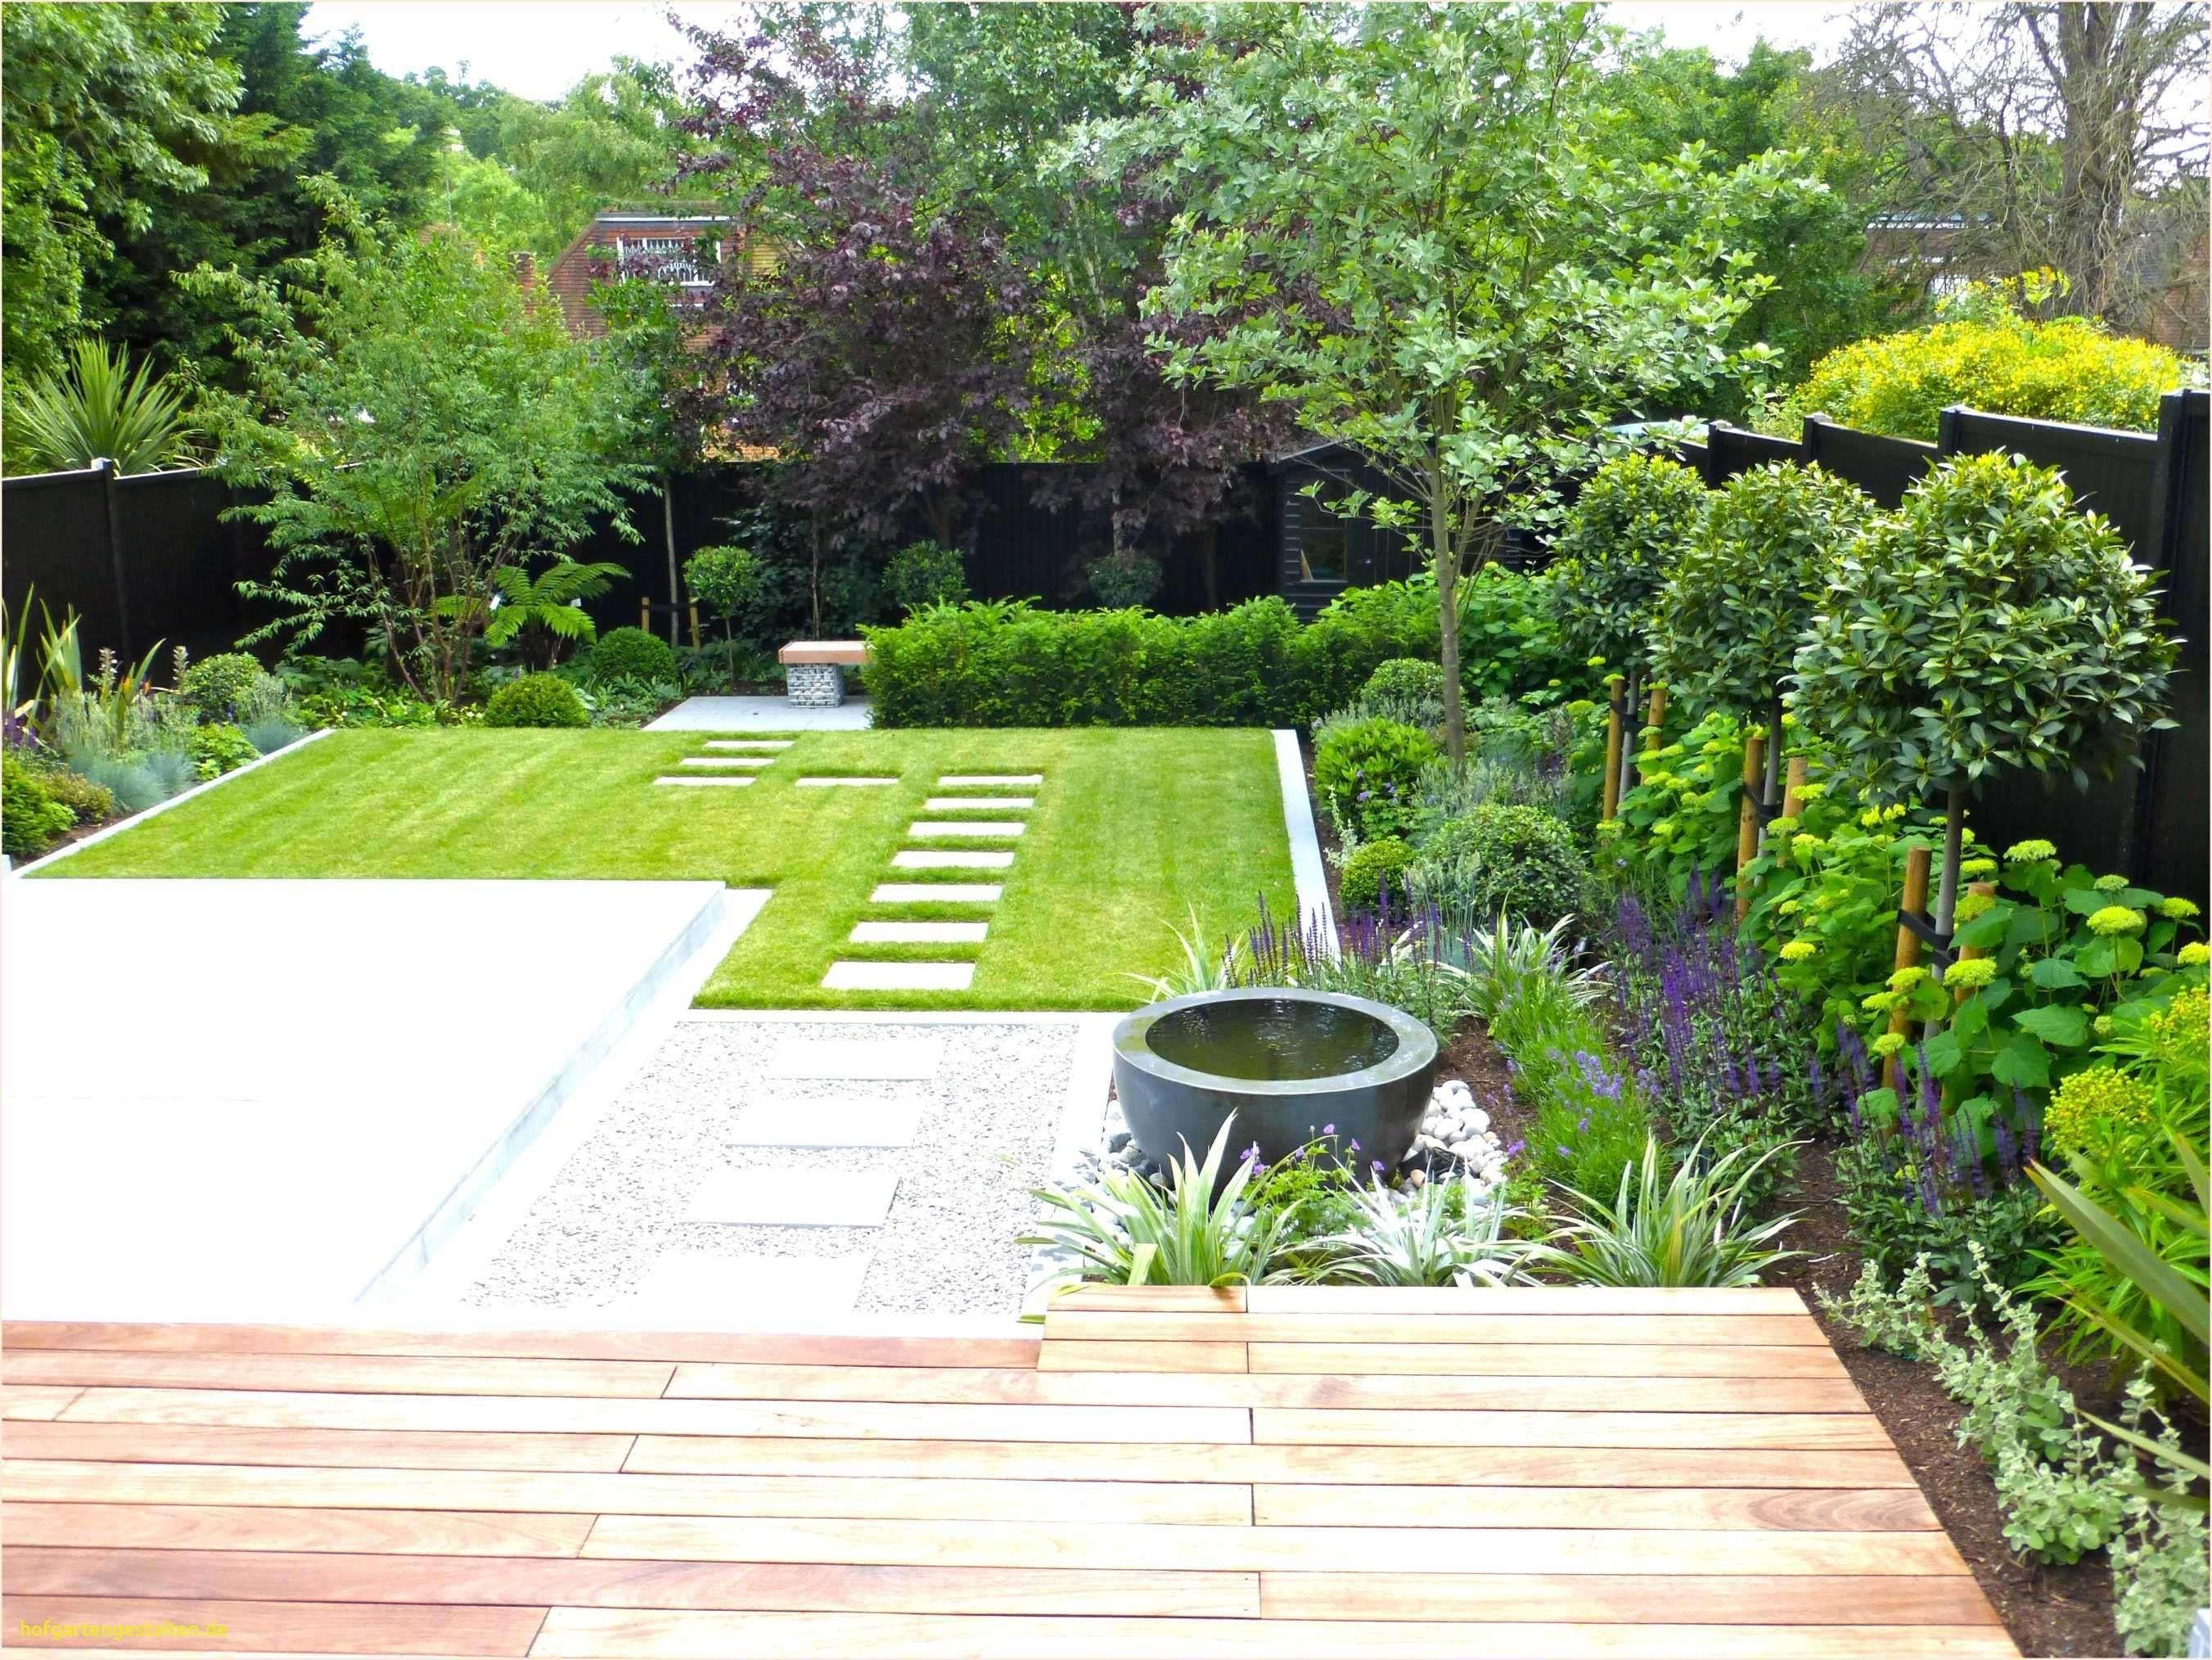 Natur Im Garten Mediathek Du Wirst Niemals Gehen Wollen Von 33 Elegant Natur Im Garten Mediath Small Backyard Landscaping Garden Landscape Design Garden Layout